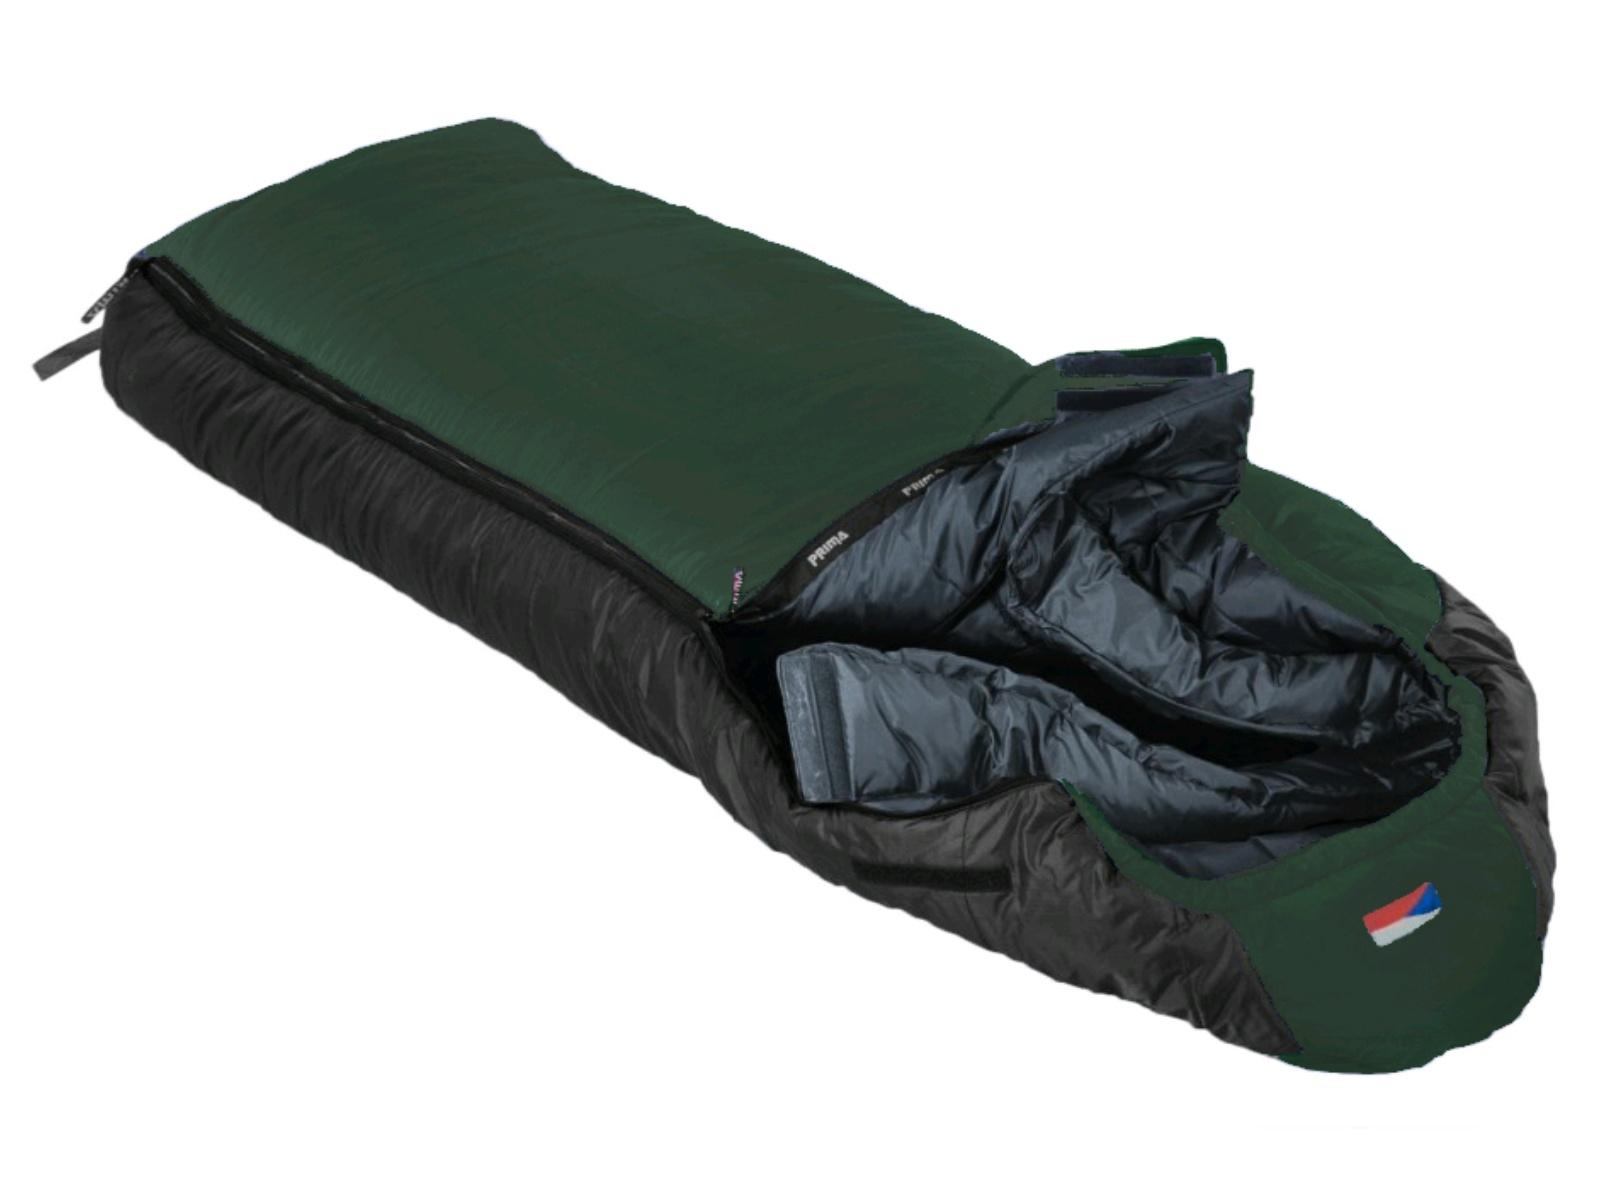 Spací pytel PRIMA Everest 200/90 zelený - pravý zip